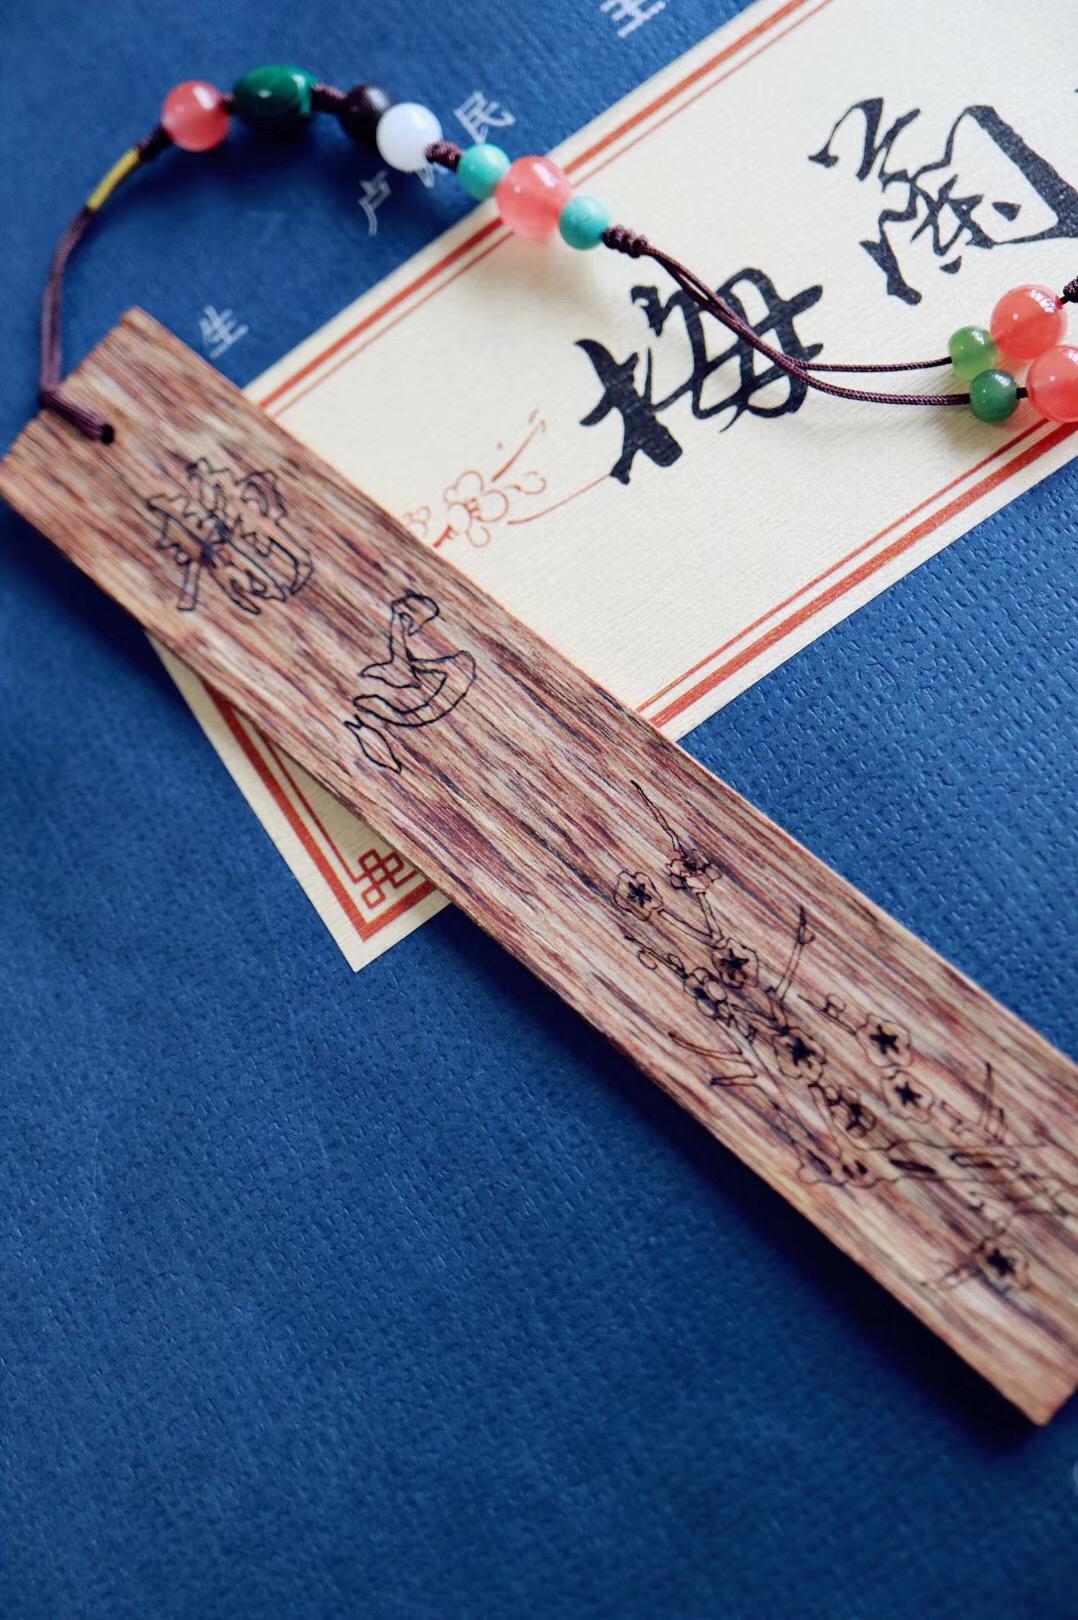 【沉香木 | 书签】 腹有诗书气自华,最是书香能致远~-菩心晶舍